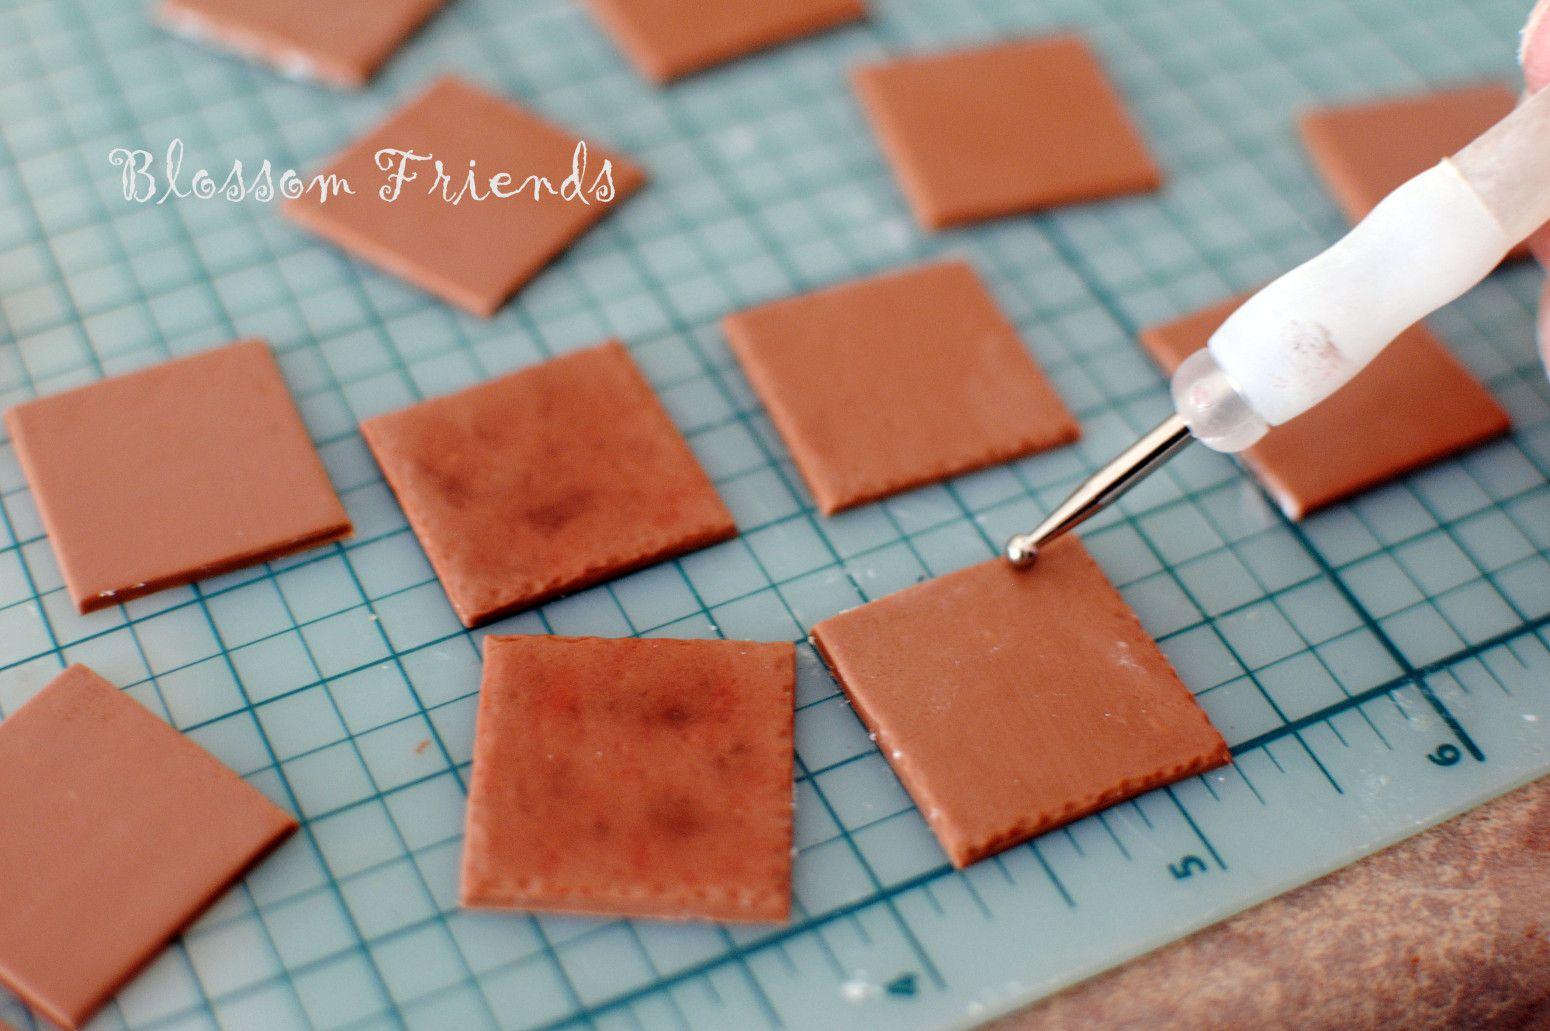 dollhouse floor tiles using clay